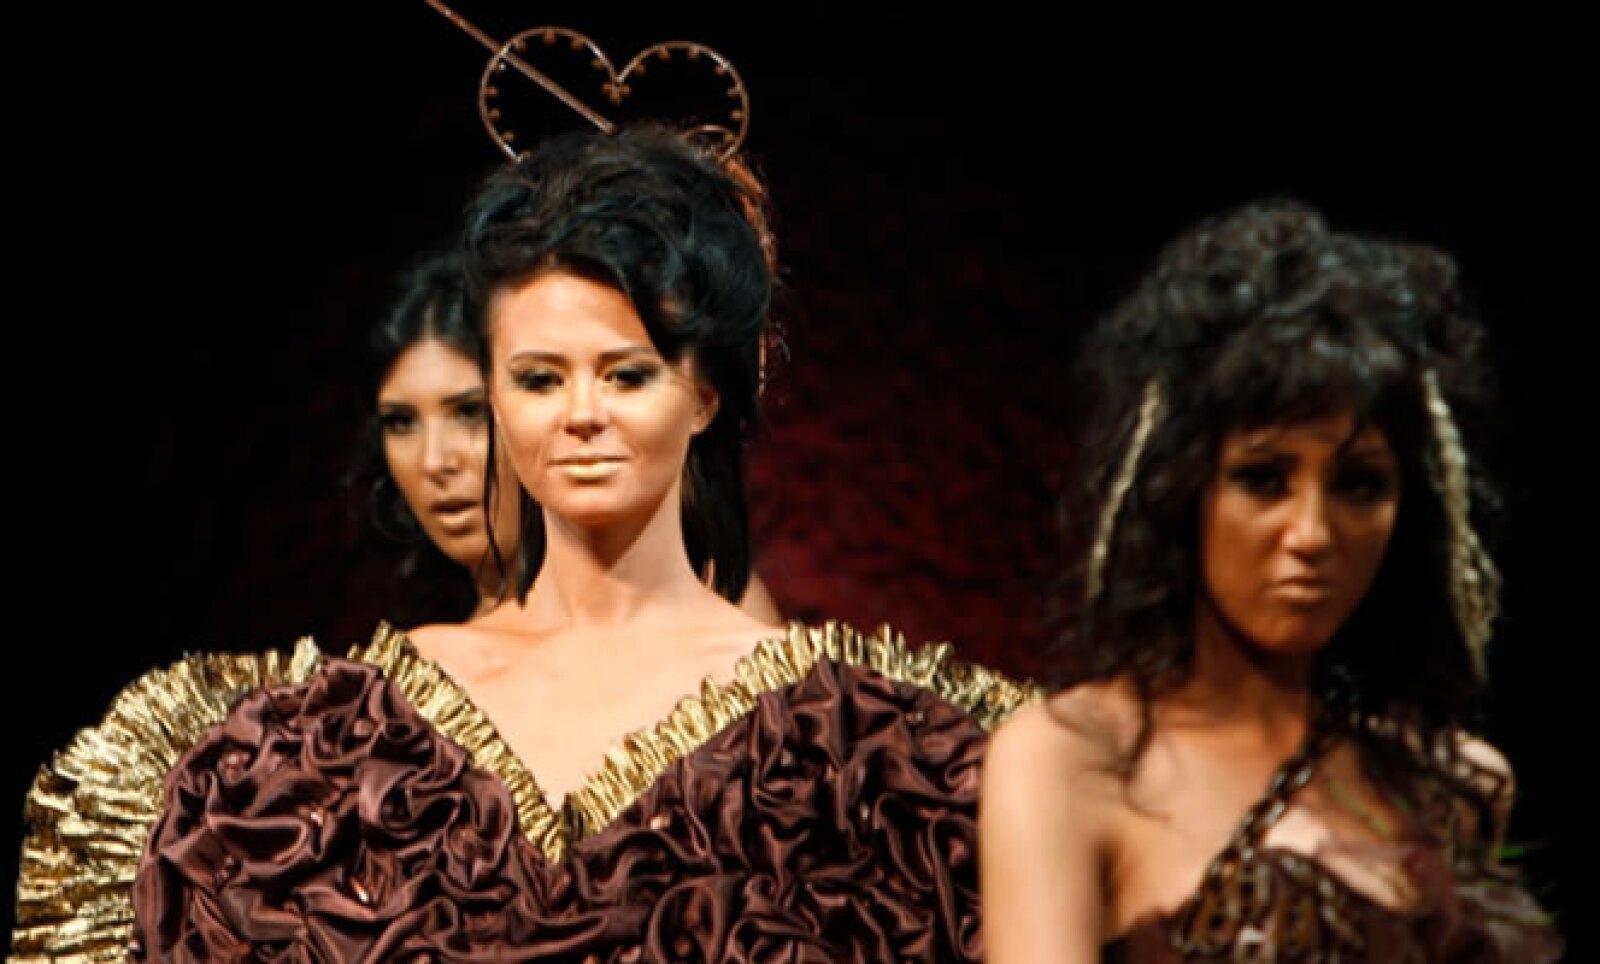 En el Cairo se llevó a cabo un desfile de modas especial, en el cual los vestidos tenían adornos de chocolate comestible.